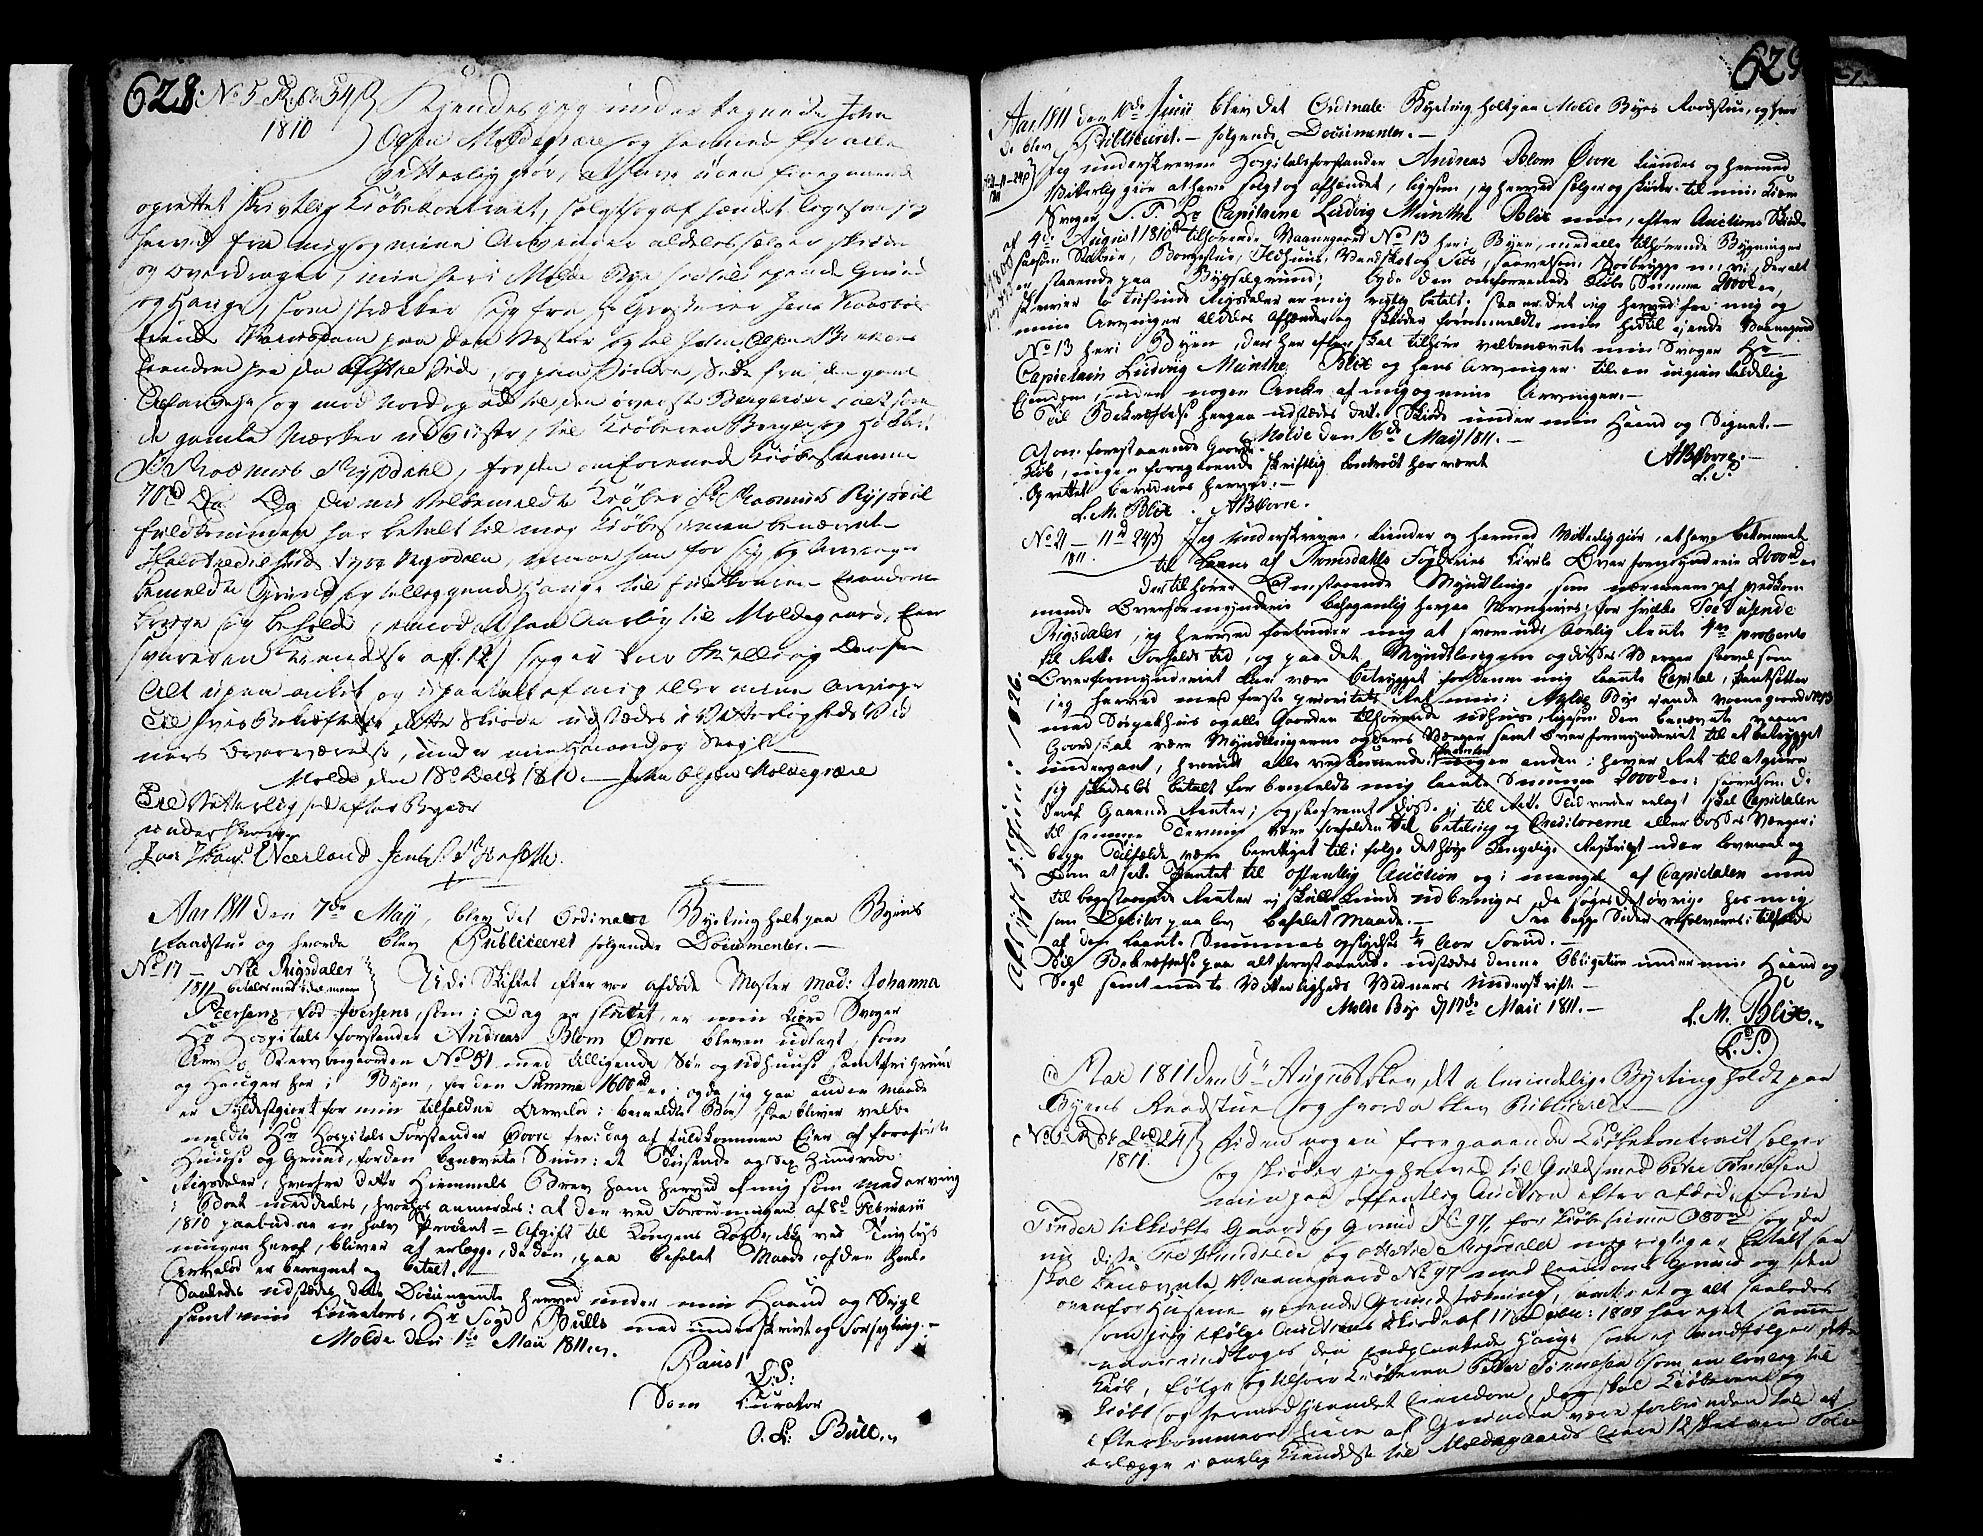 SAT, Molde byfogd, 2/2C/L0001: Pantebok nr. 1, 1748-1823, s. 628-629